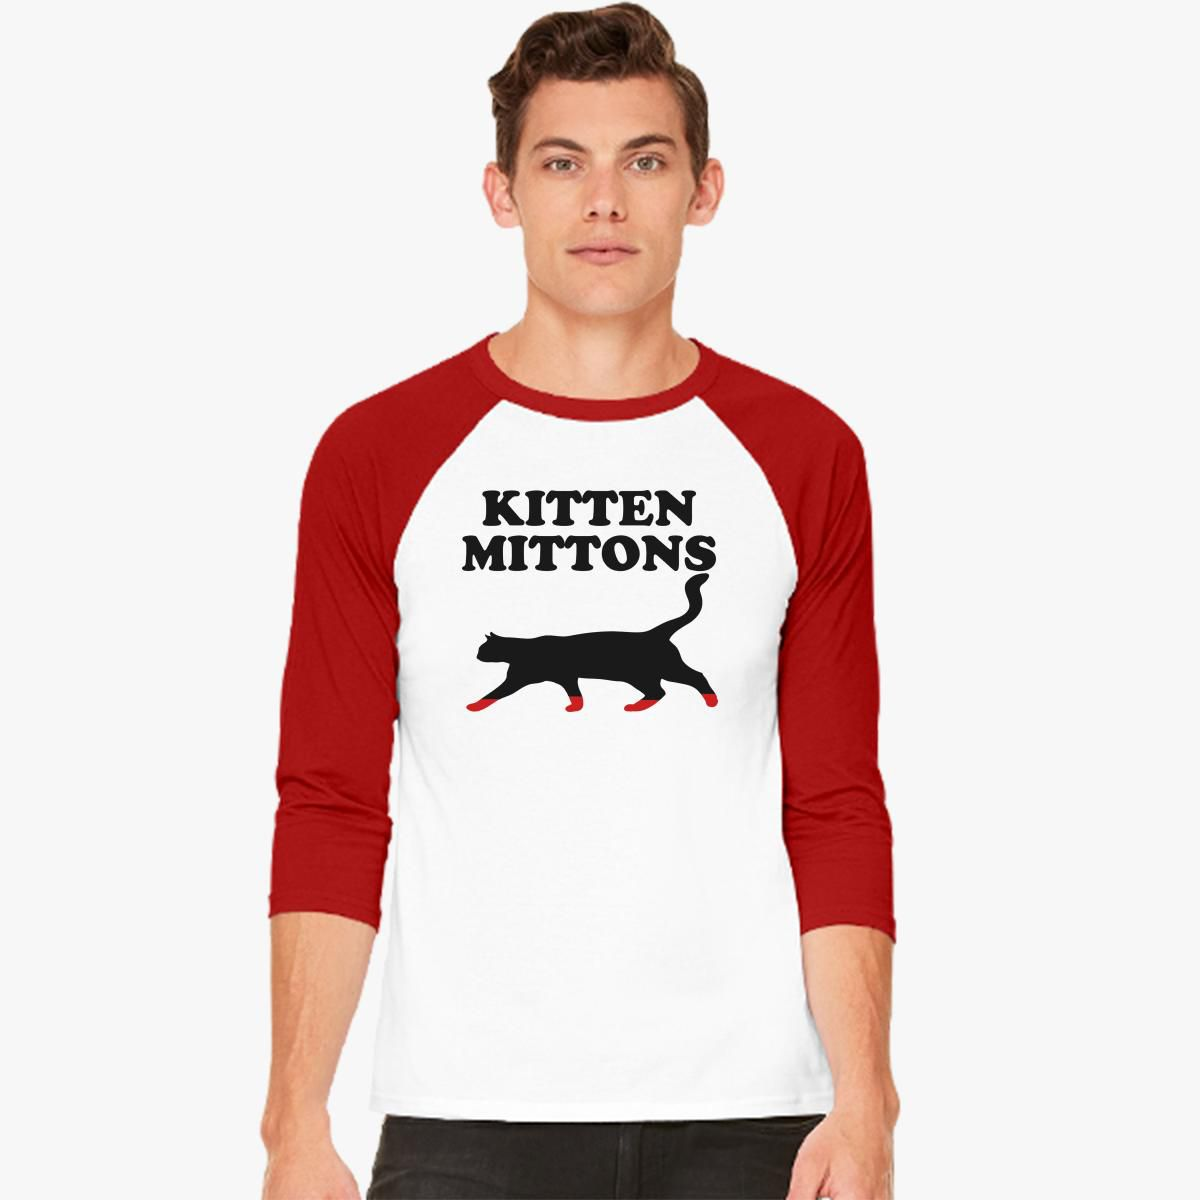 Kitten Mittons Baseball T-shirt